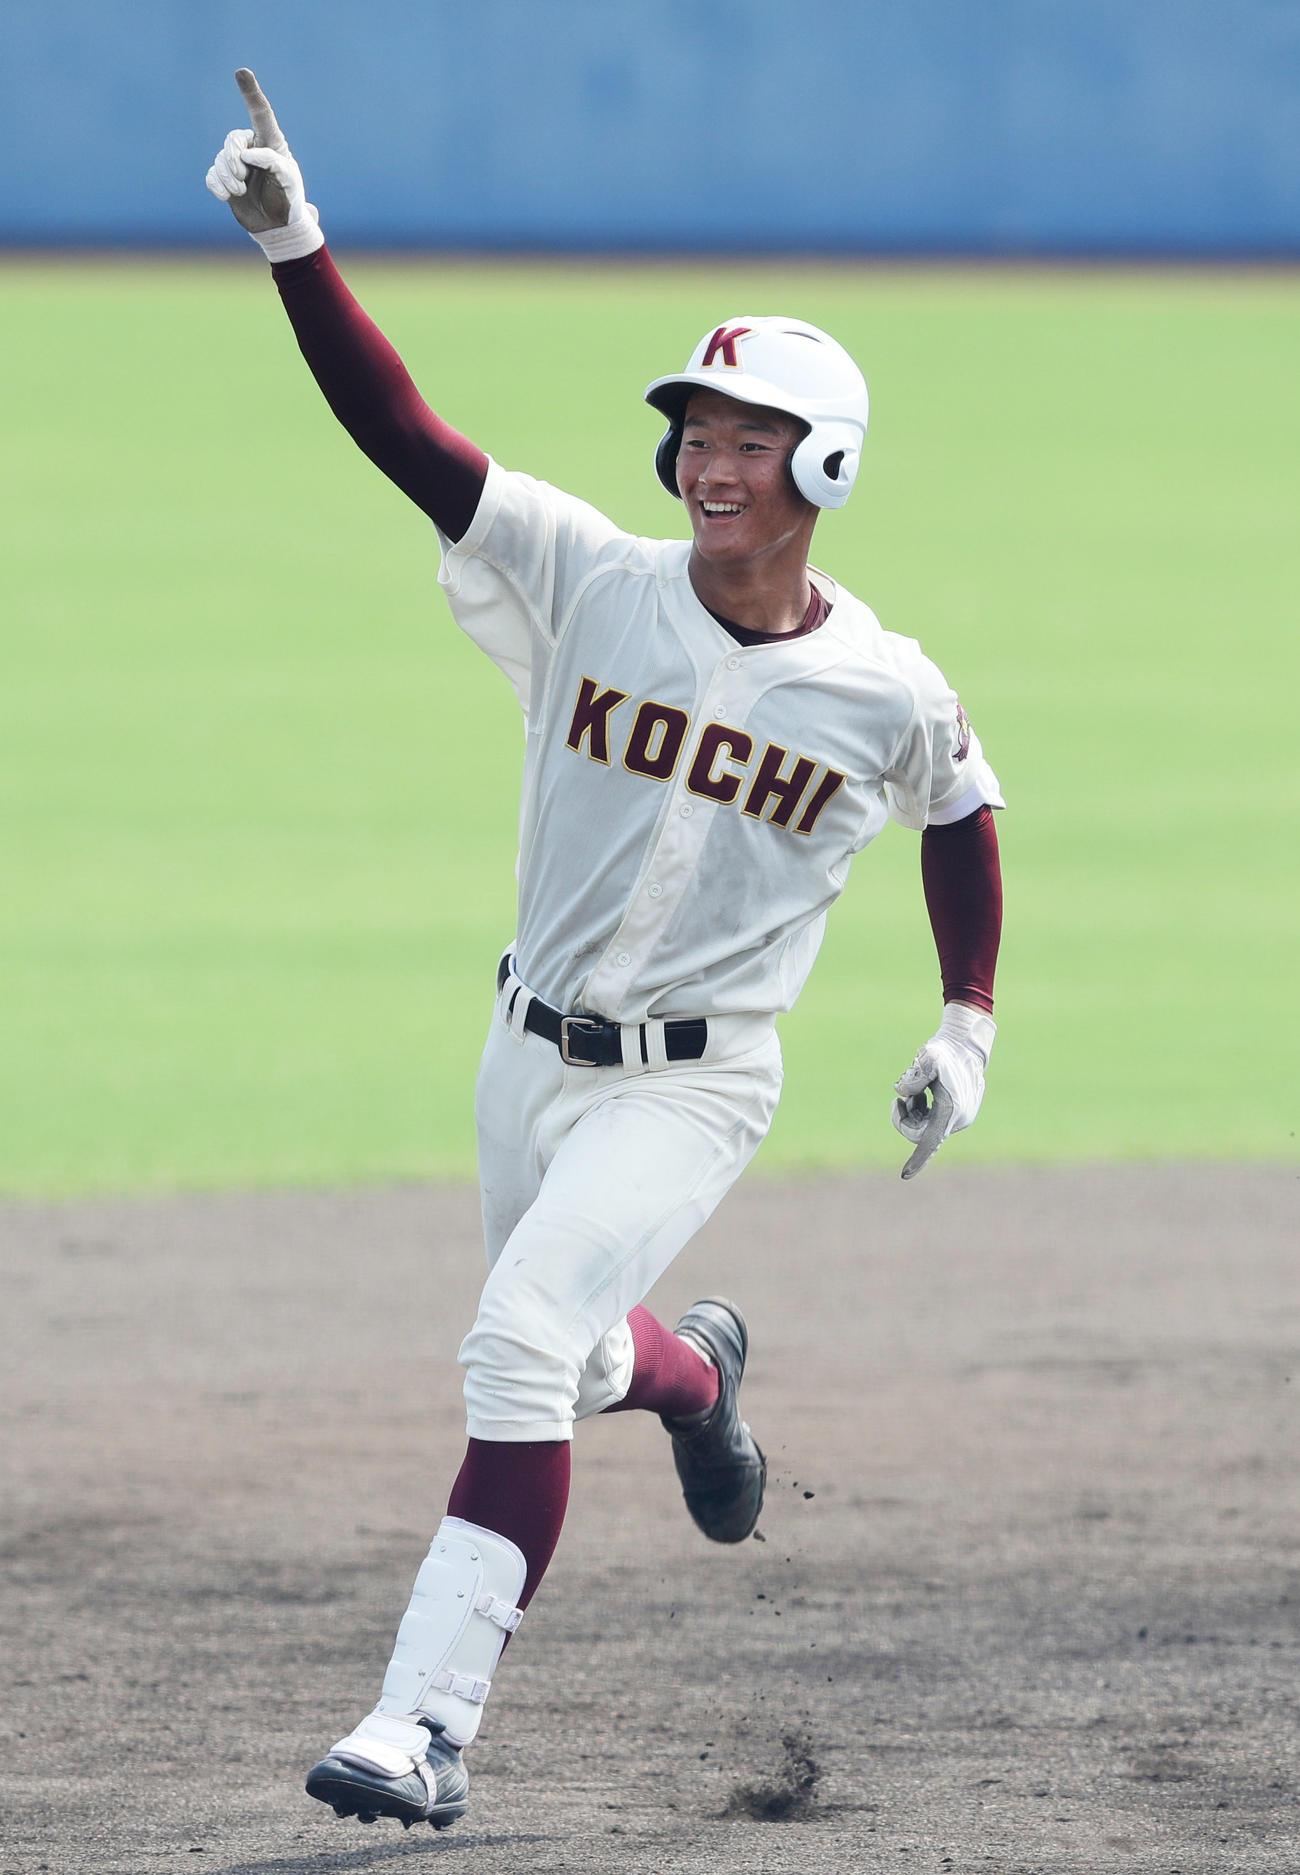 19年7月、明徳義塾戦で本塁打を放ち、応援席に向かって指を突き上げる高知・森木